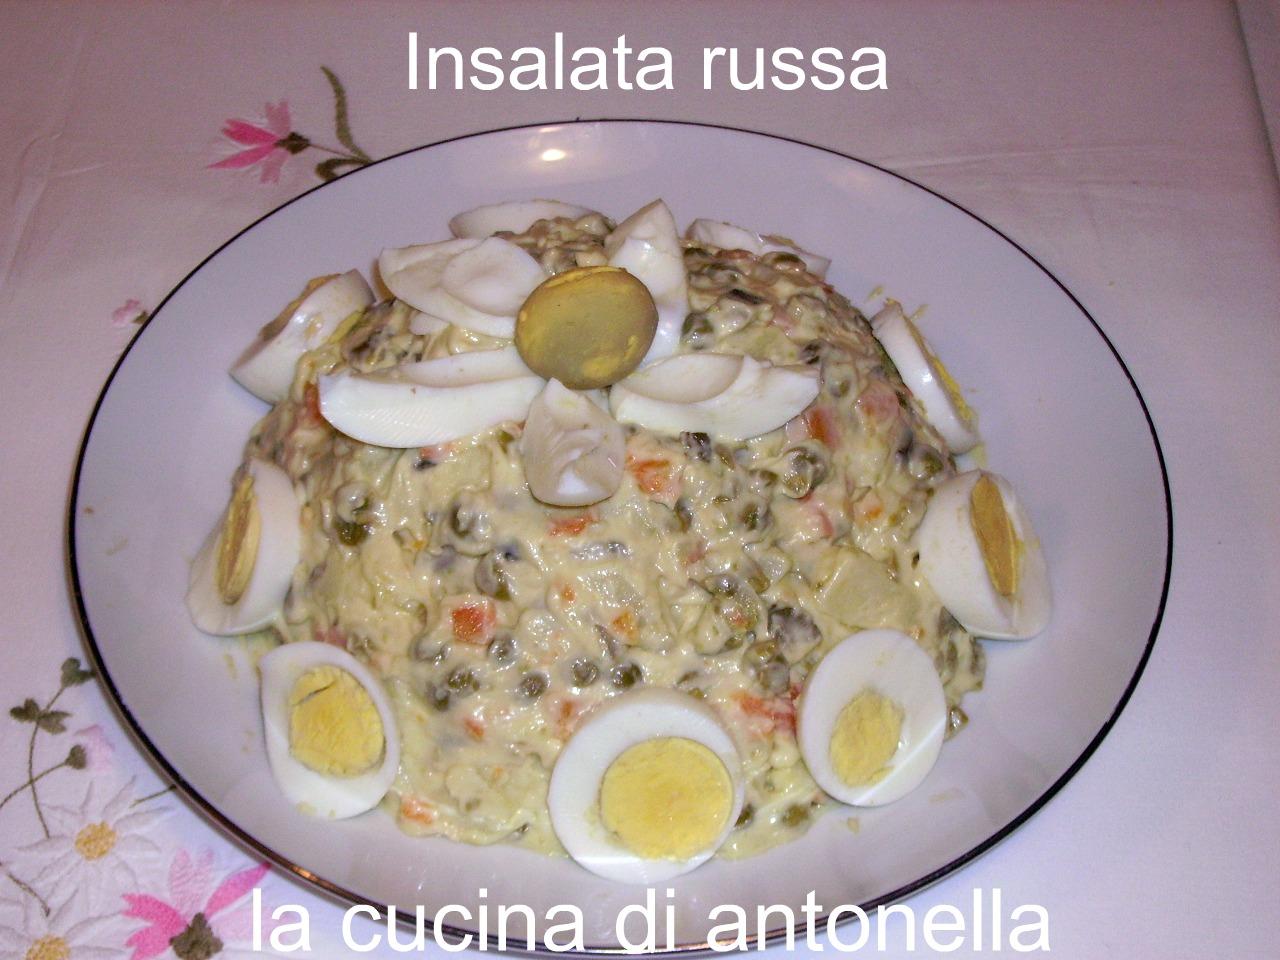 La cucina di antonella insalata russa - La cucina di antonella ...